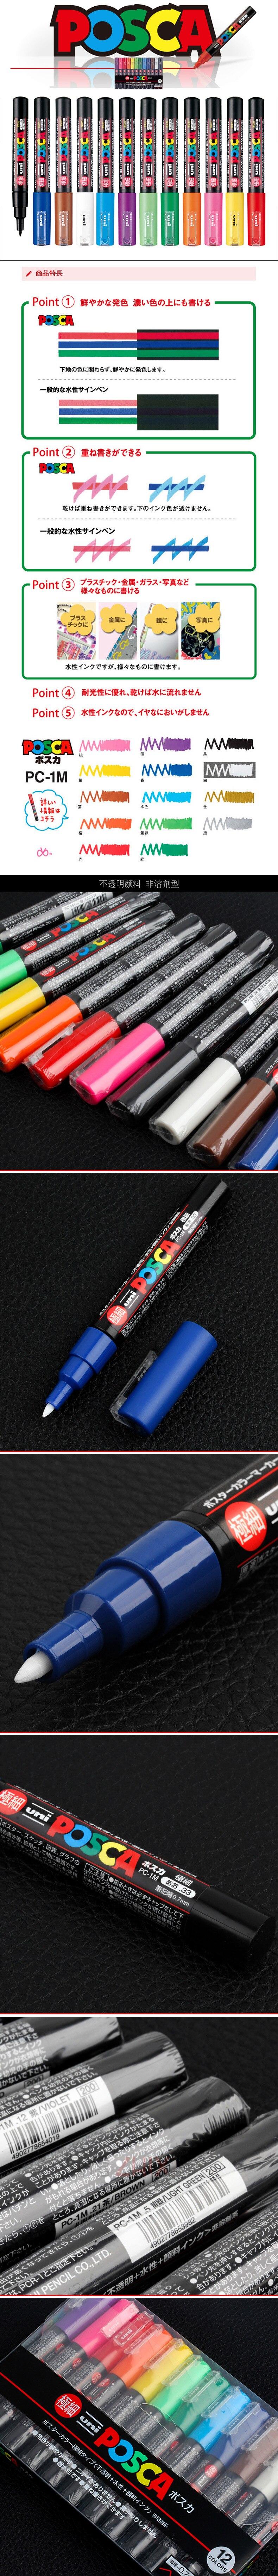 marcador de tinta-bala extra fina Tip-0.7mm marcador